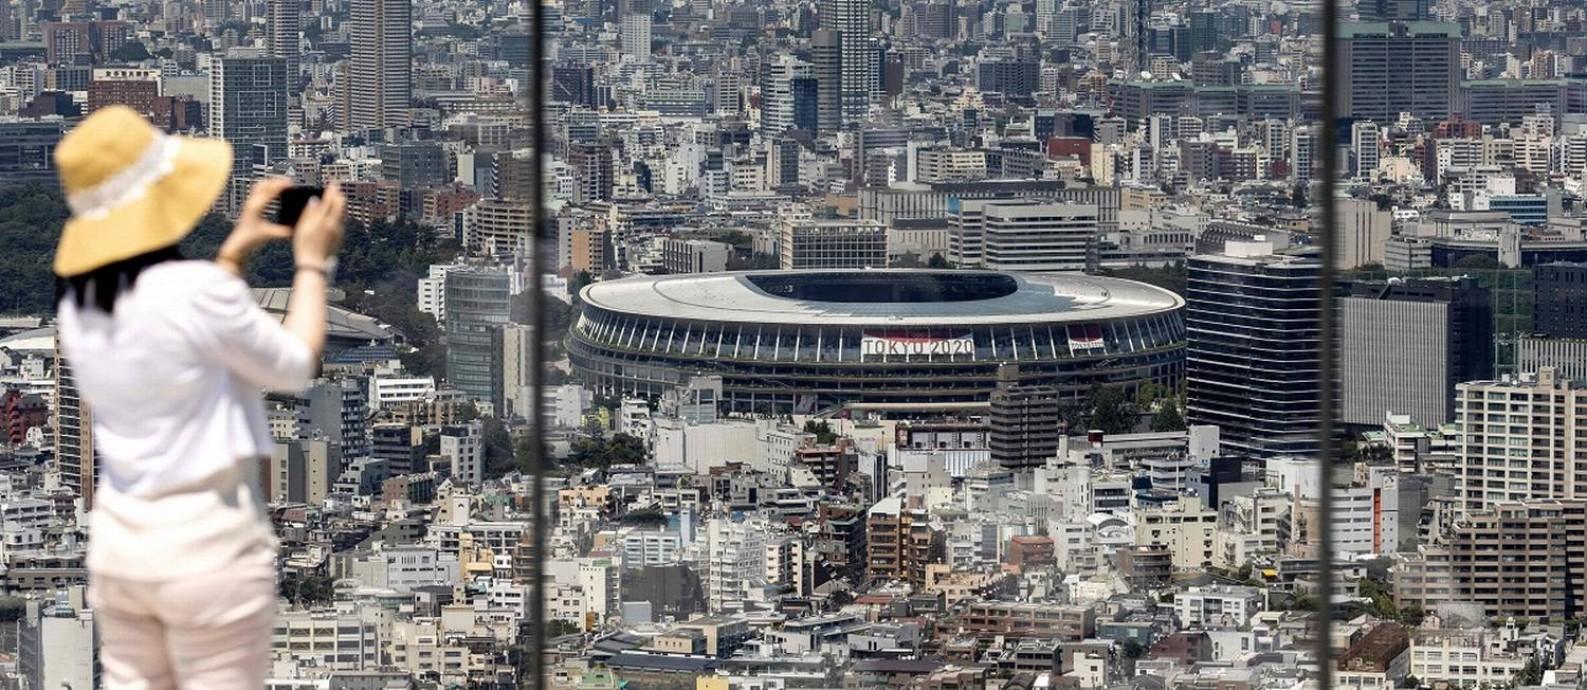 Uma mulher fotografa o Estádio Nacional de Tóquio, um dos palcos das Olimpíadas de 2020, do alto do mirante Shibuya Sky Foto: BEHROUZ MEHRI / AFP